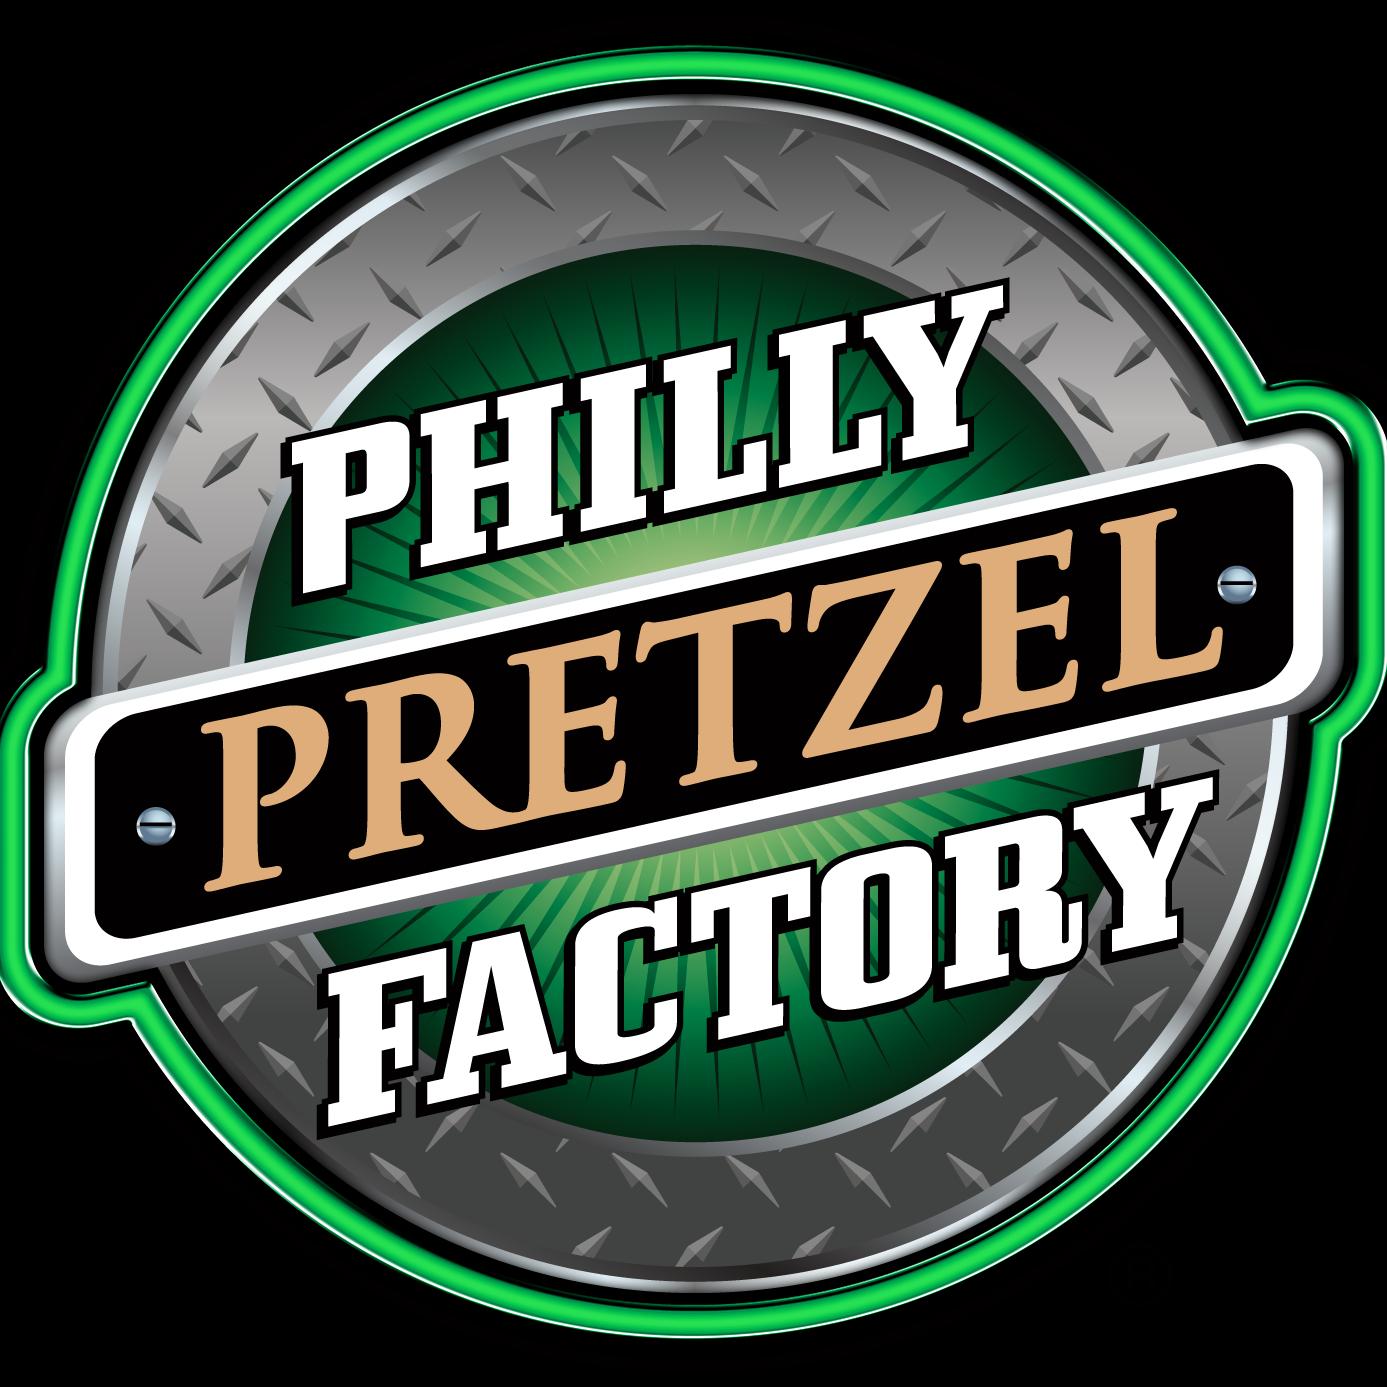 Soft Pretzel Franchise Systems, Inc.